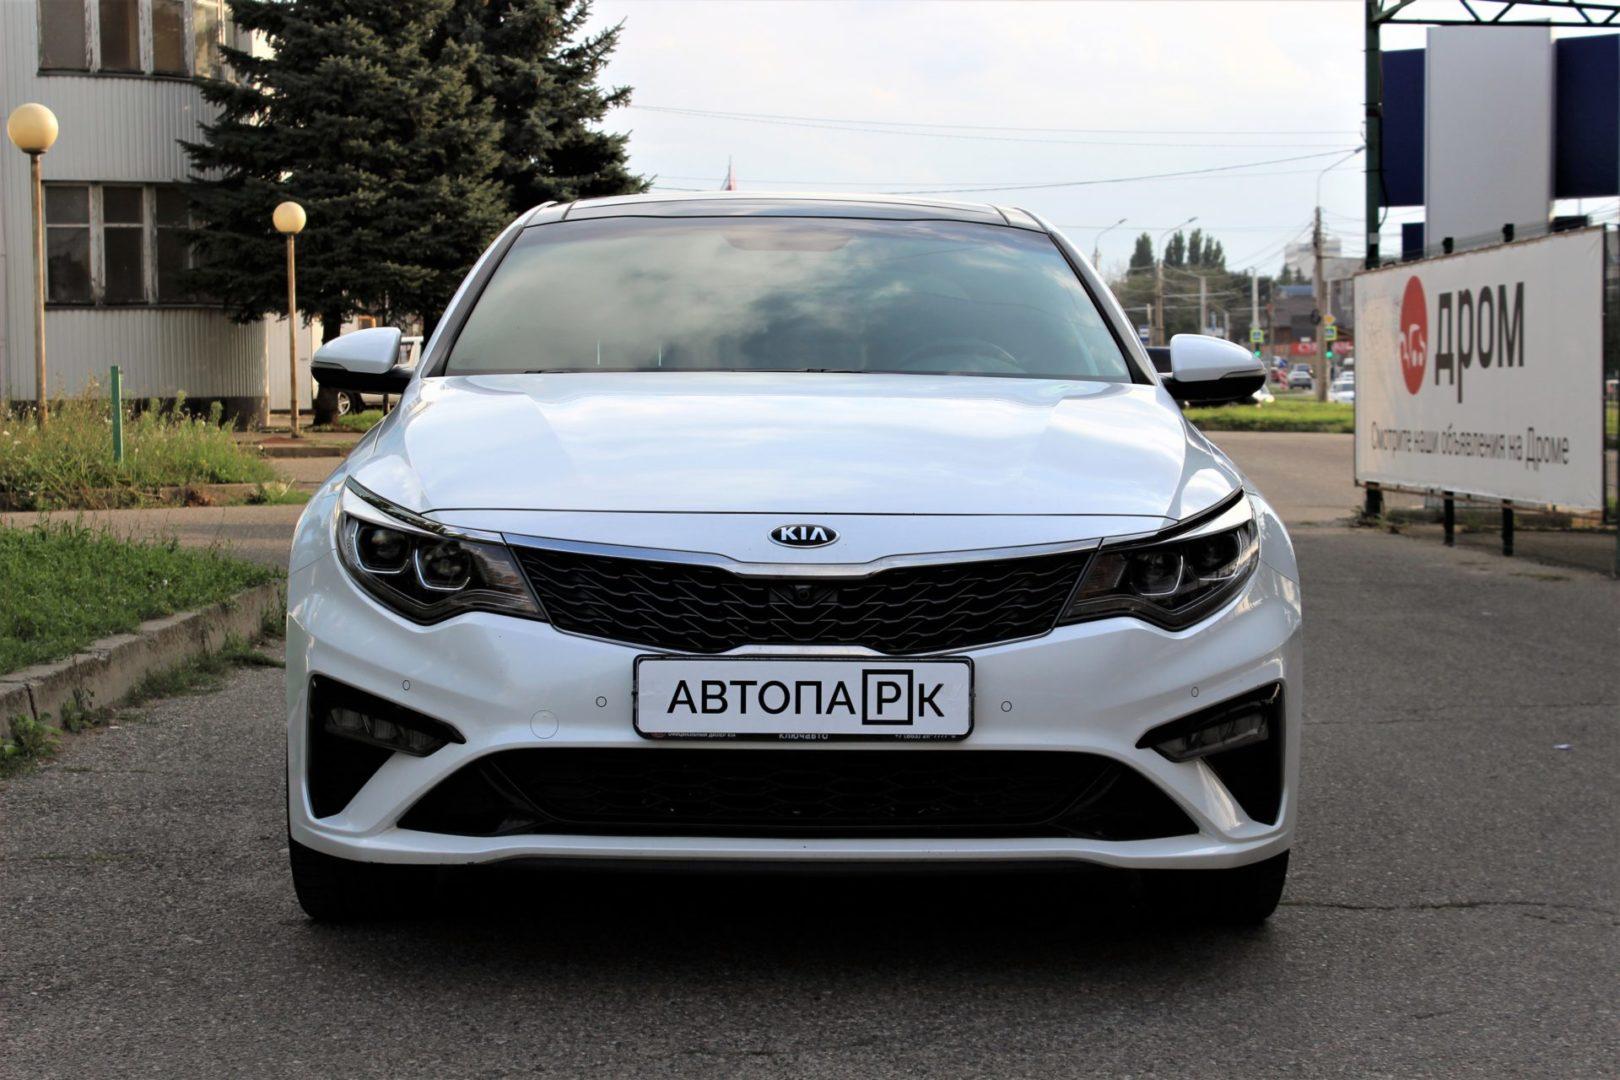 Купить Kia Optima (Белый) - Автопарк Ставрополь